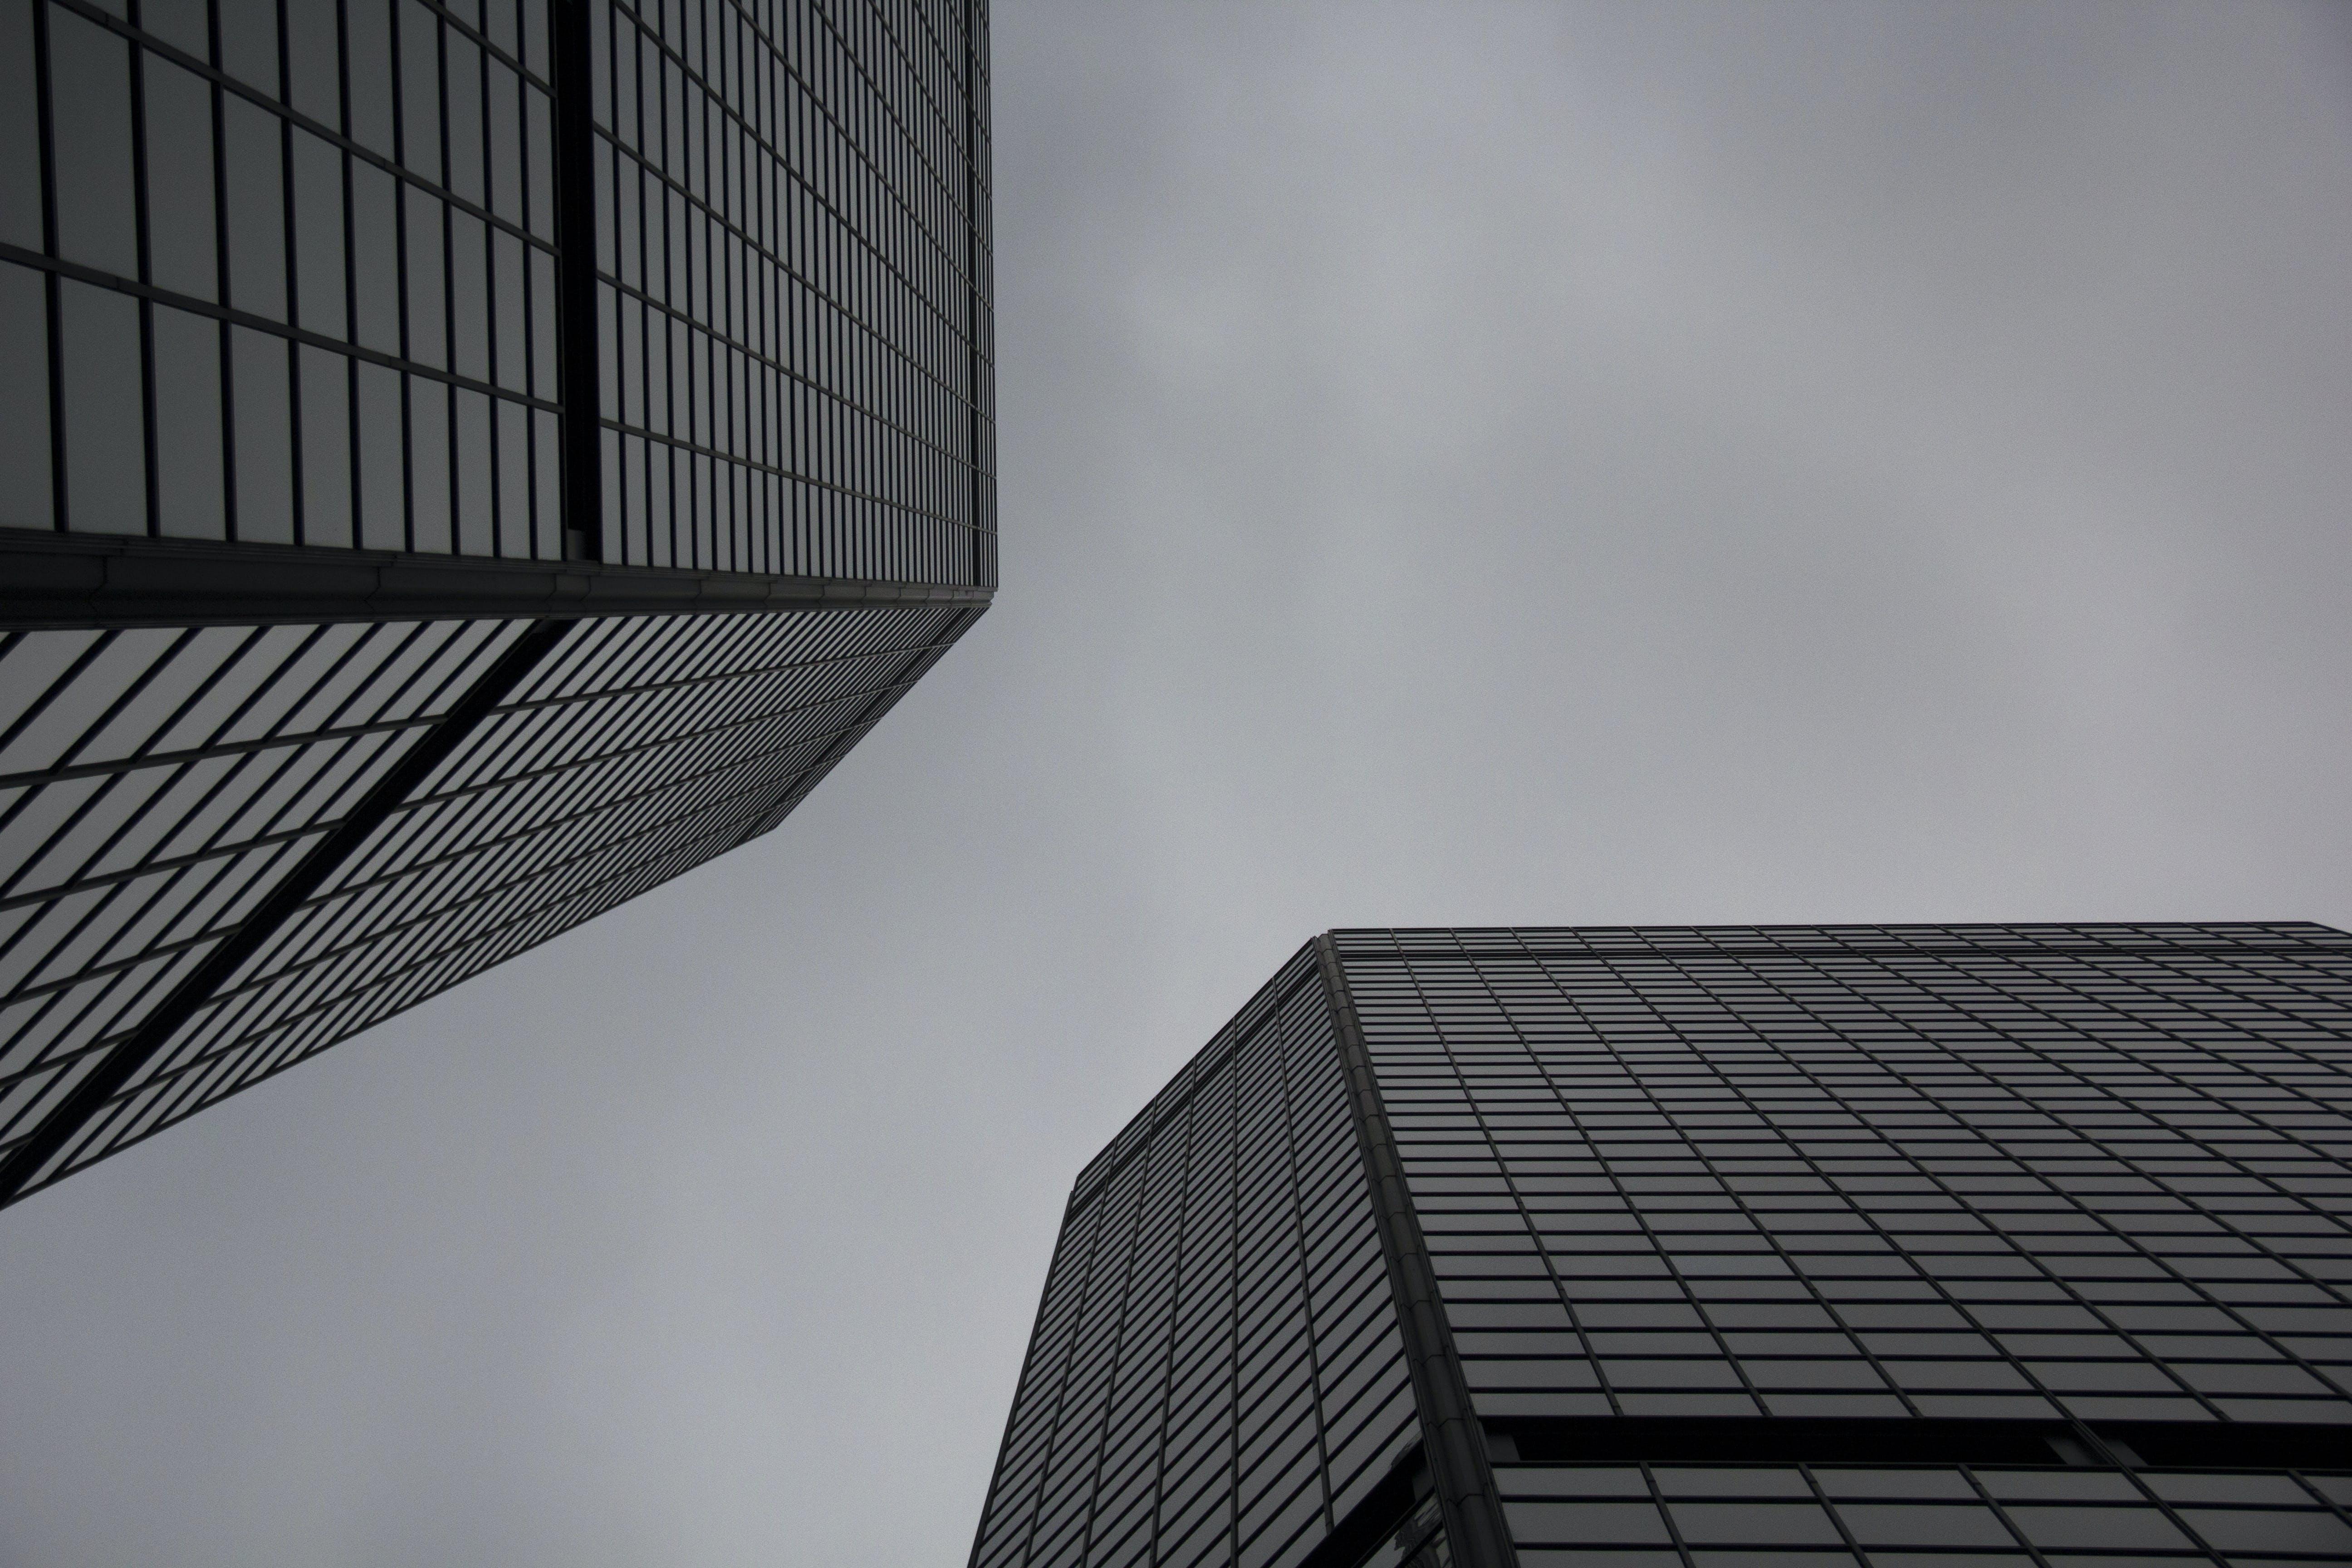 Kostenloses Stock Foto zu architektur, aufnahme von unten, büro, glasfenster